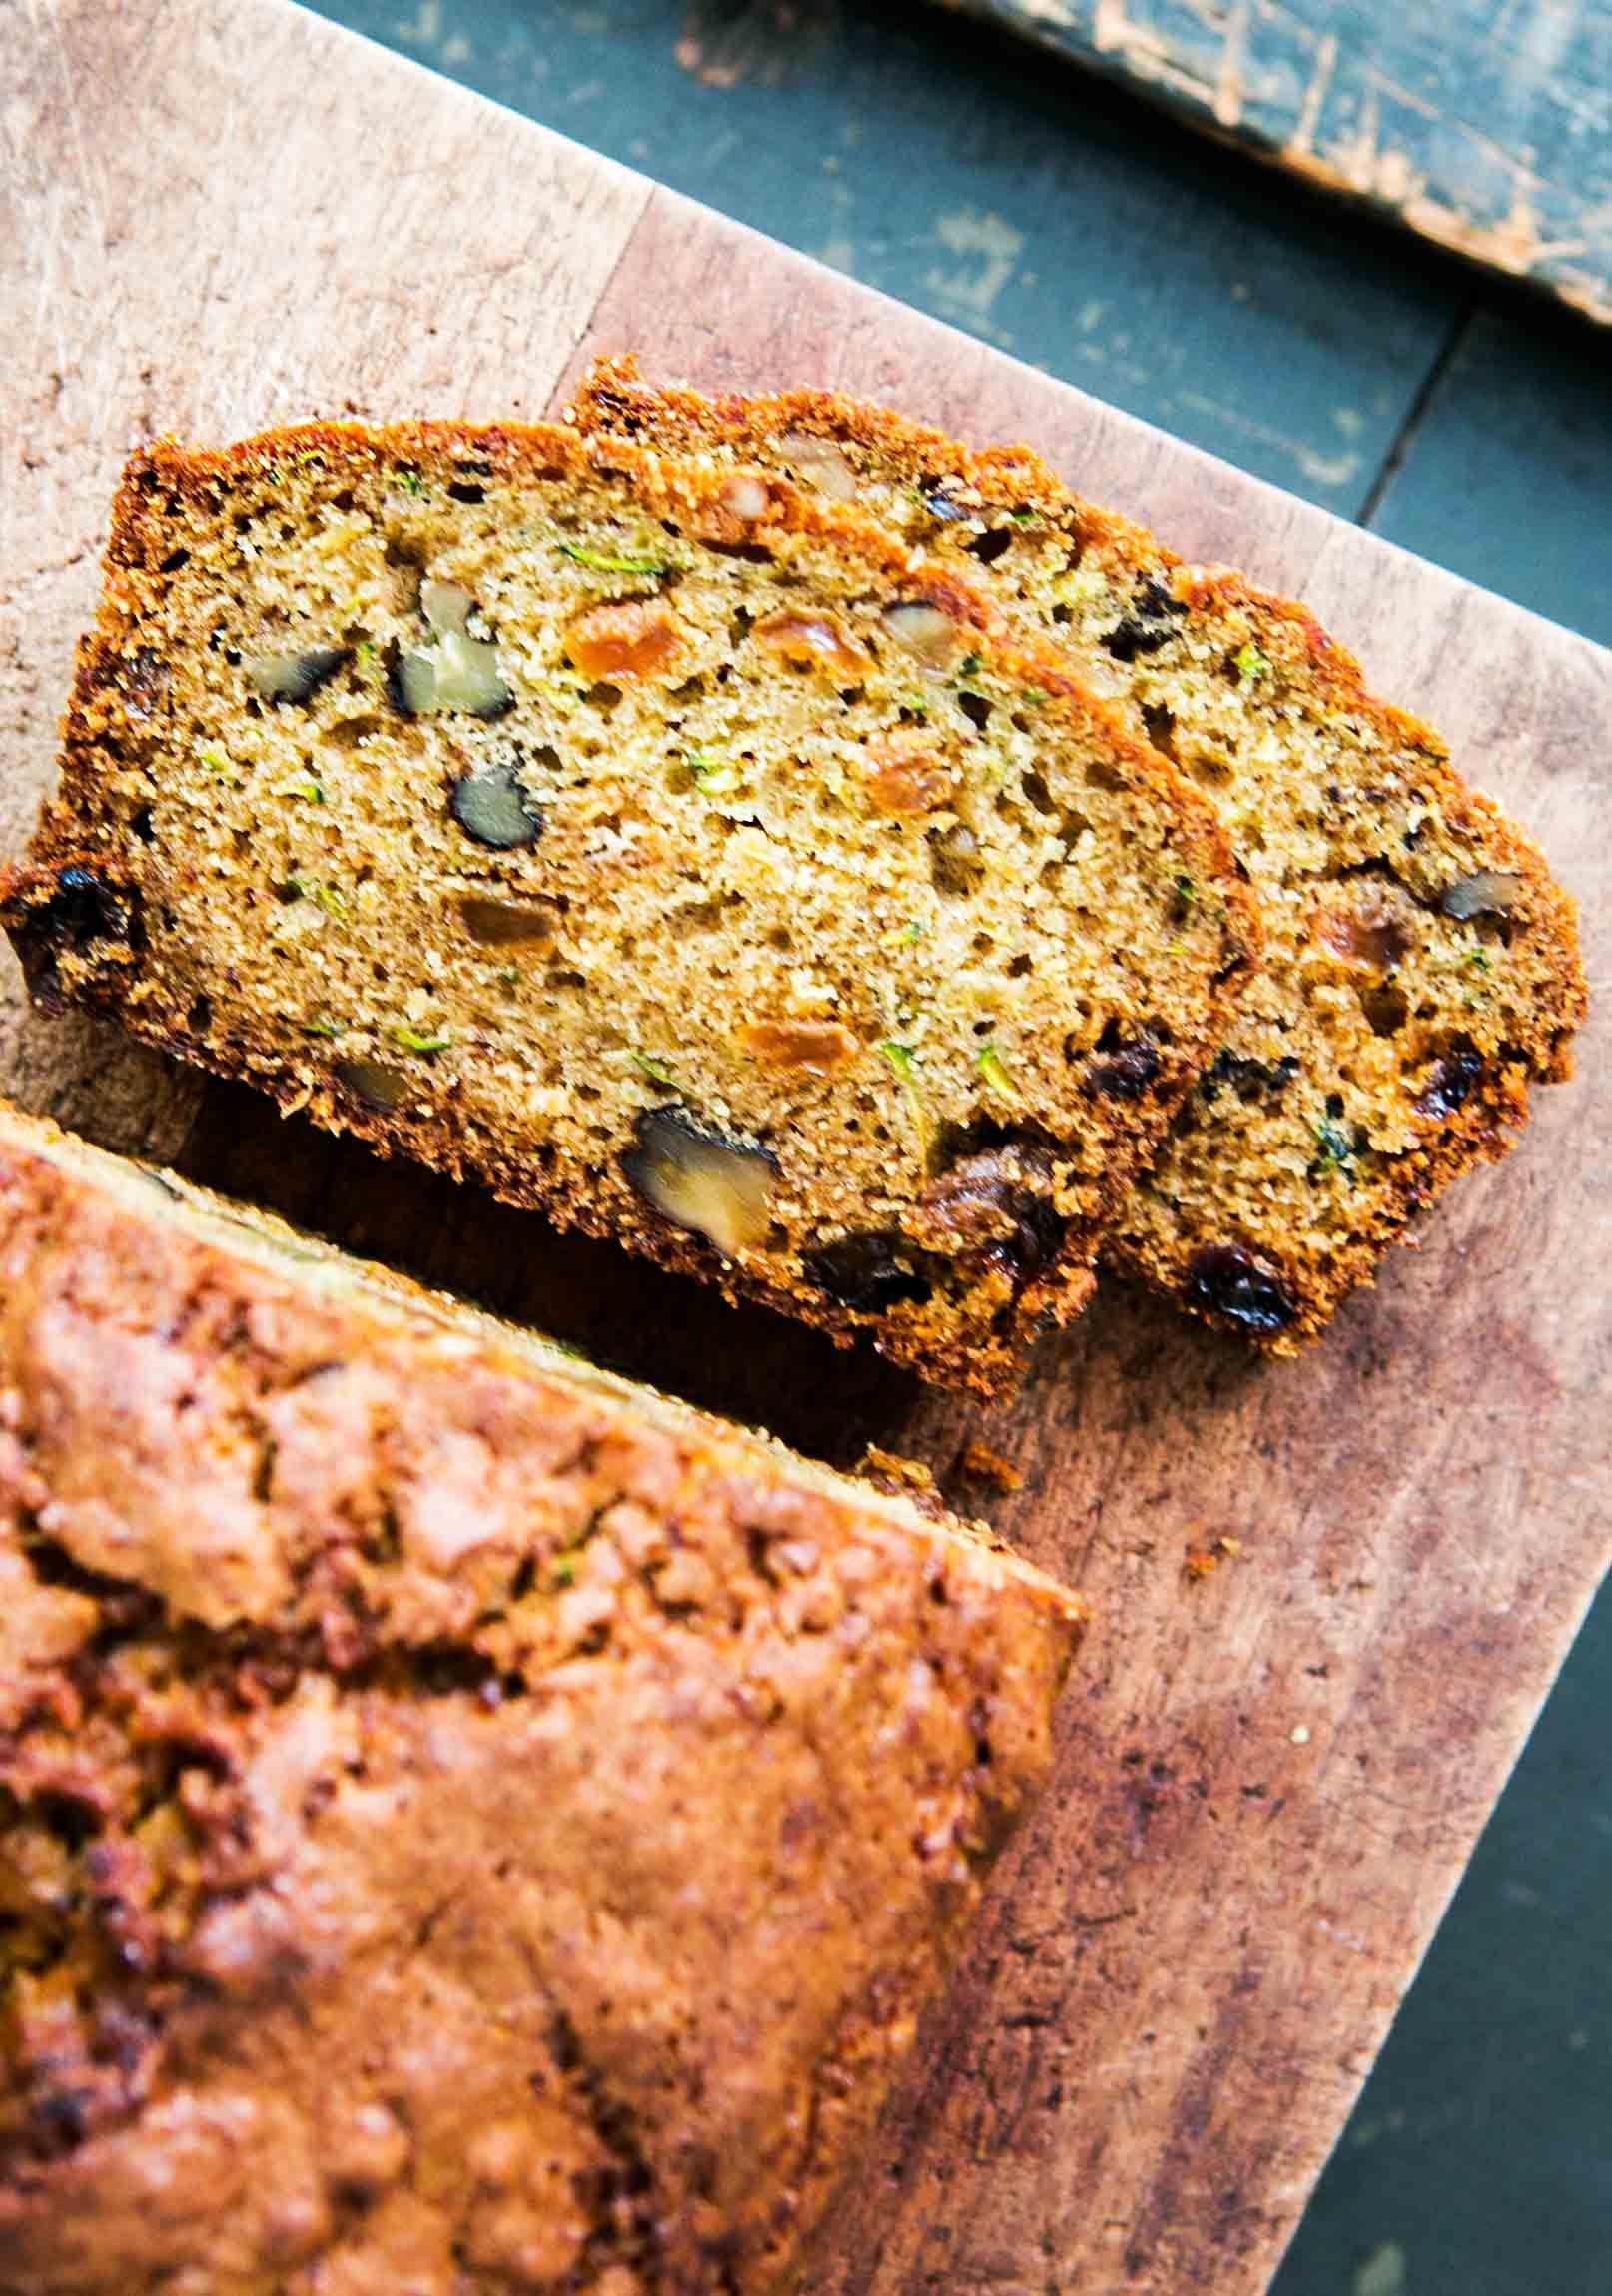 Zucchini Bread With Pineapple Recipe In 2020 Zucchini Bread